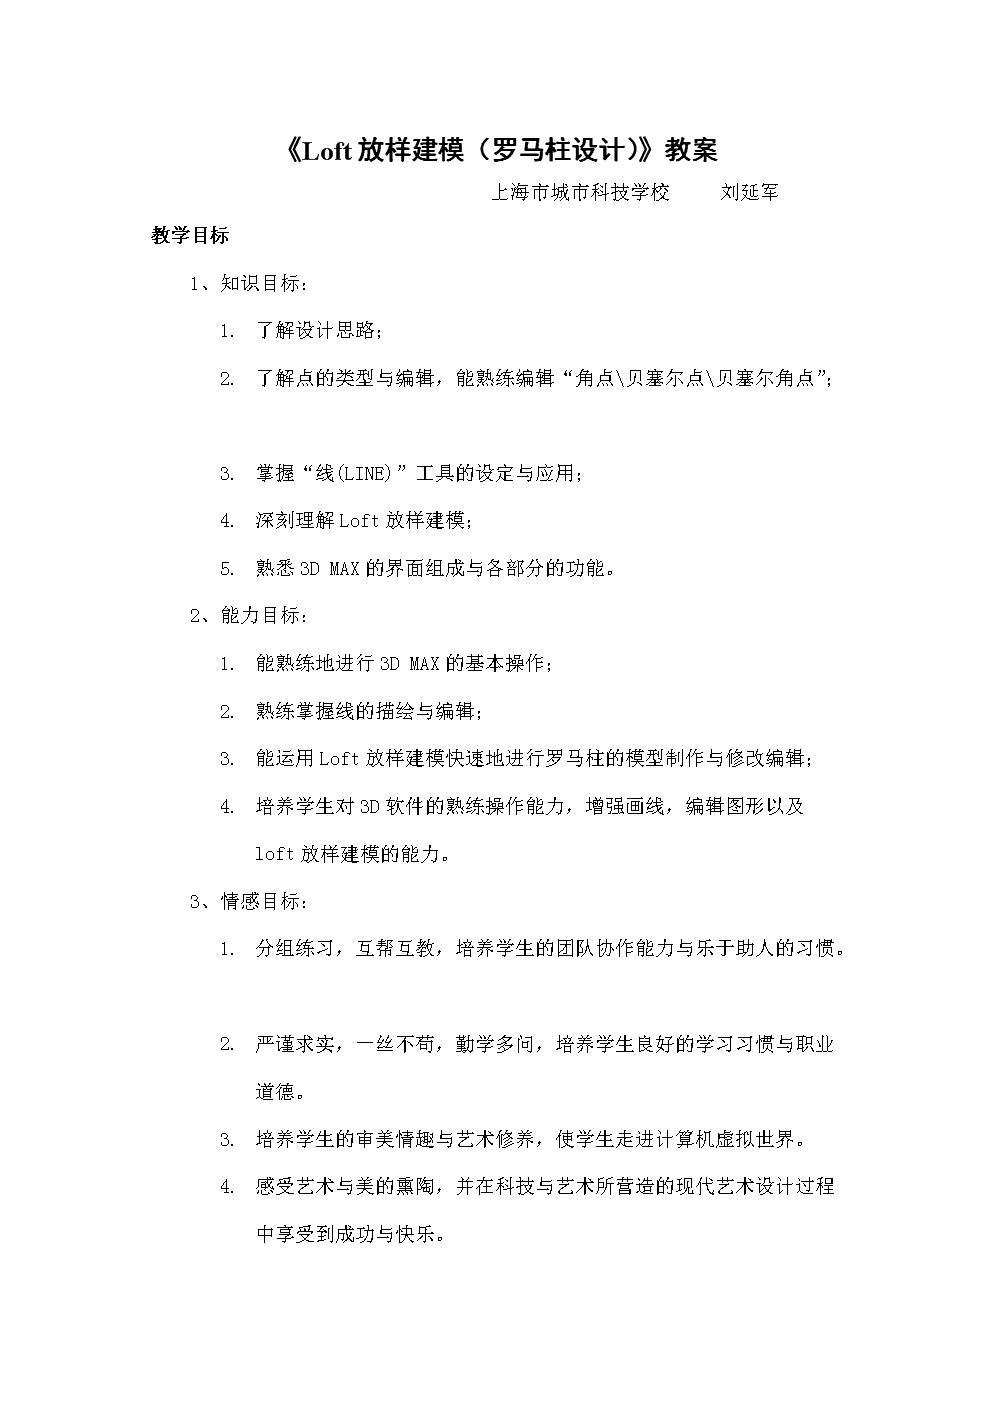 Loft放样建模(罗马柱设计)教案.doc